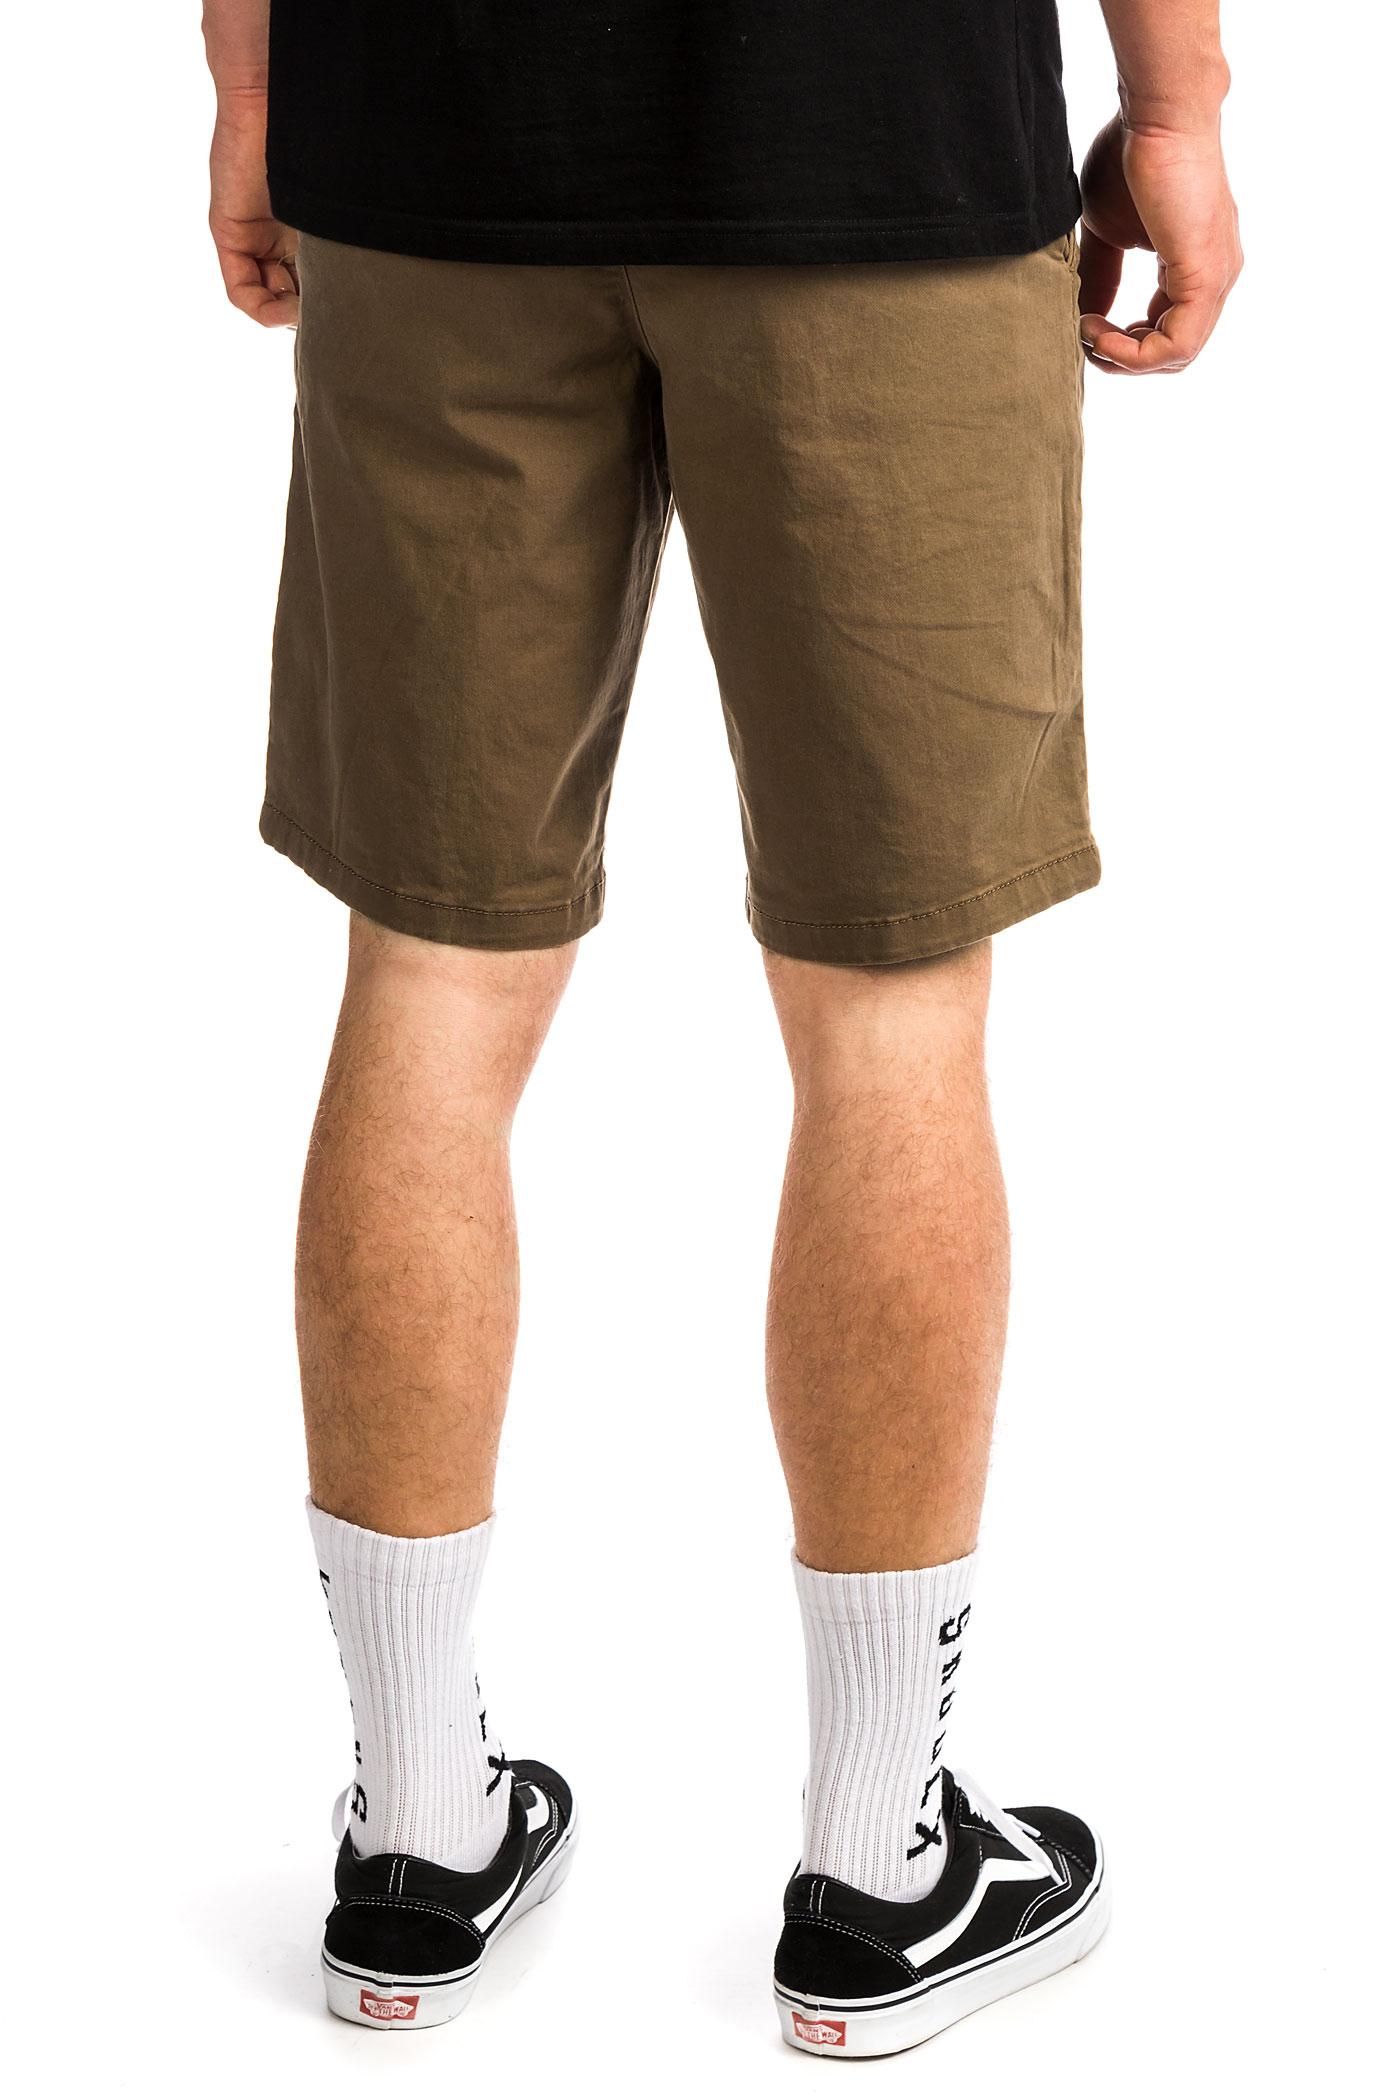 Reell Chino Grip Flex Grip Reell Chino Shortsbrown Flex qUMpSVGz